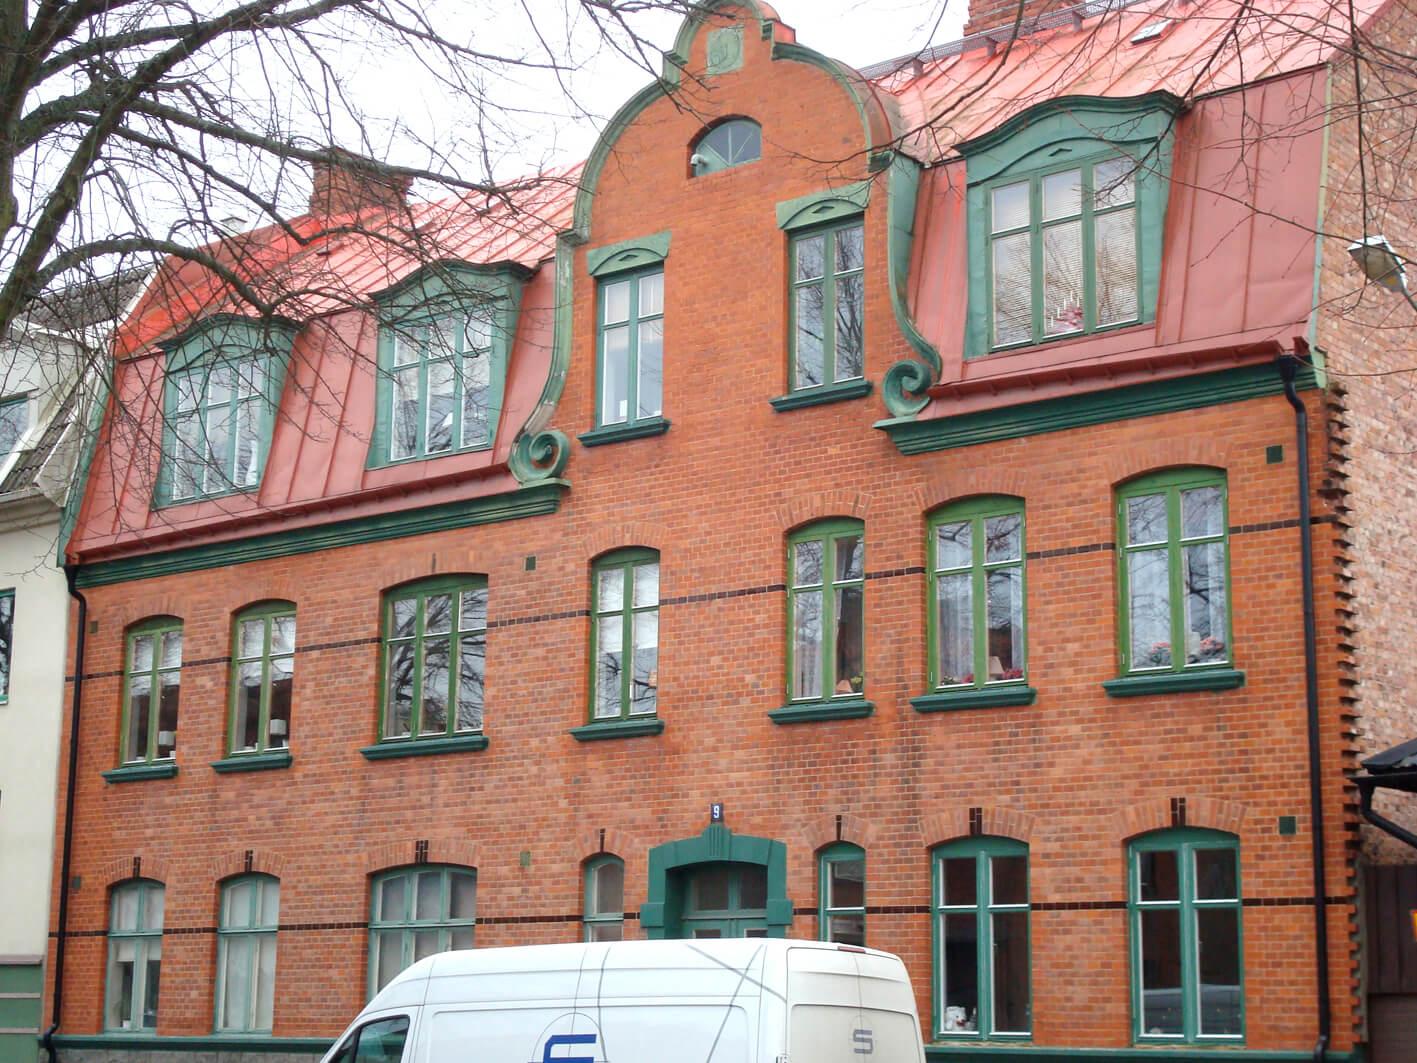 Nr 14 Erikdahlbergsvägen 9 Huvudbild